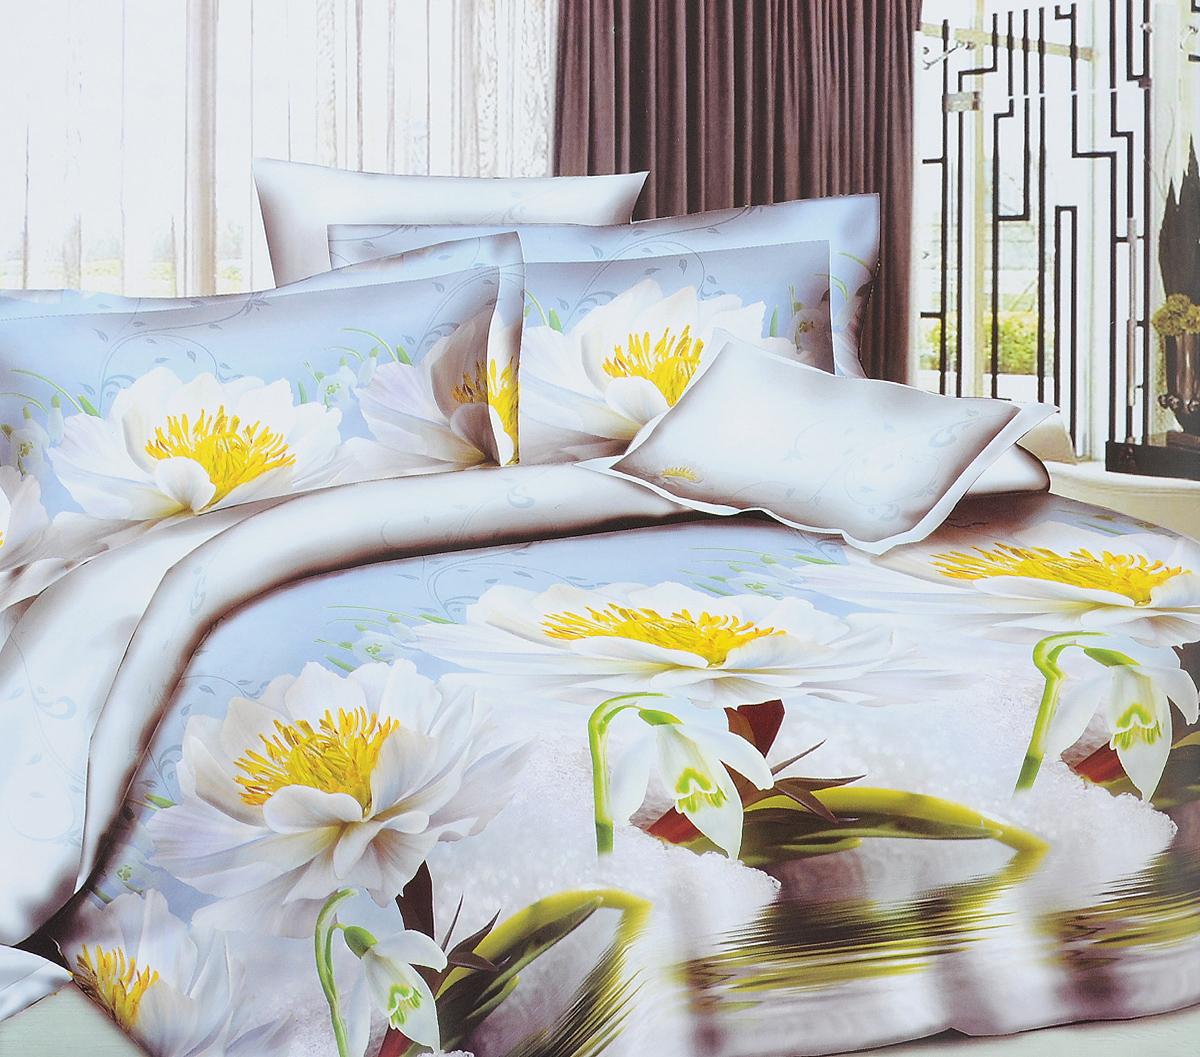 Комплект белья ЭГО Лето, 1,5-спальный, наволочки 70x70